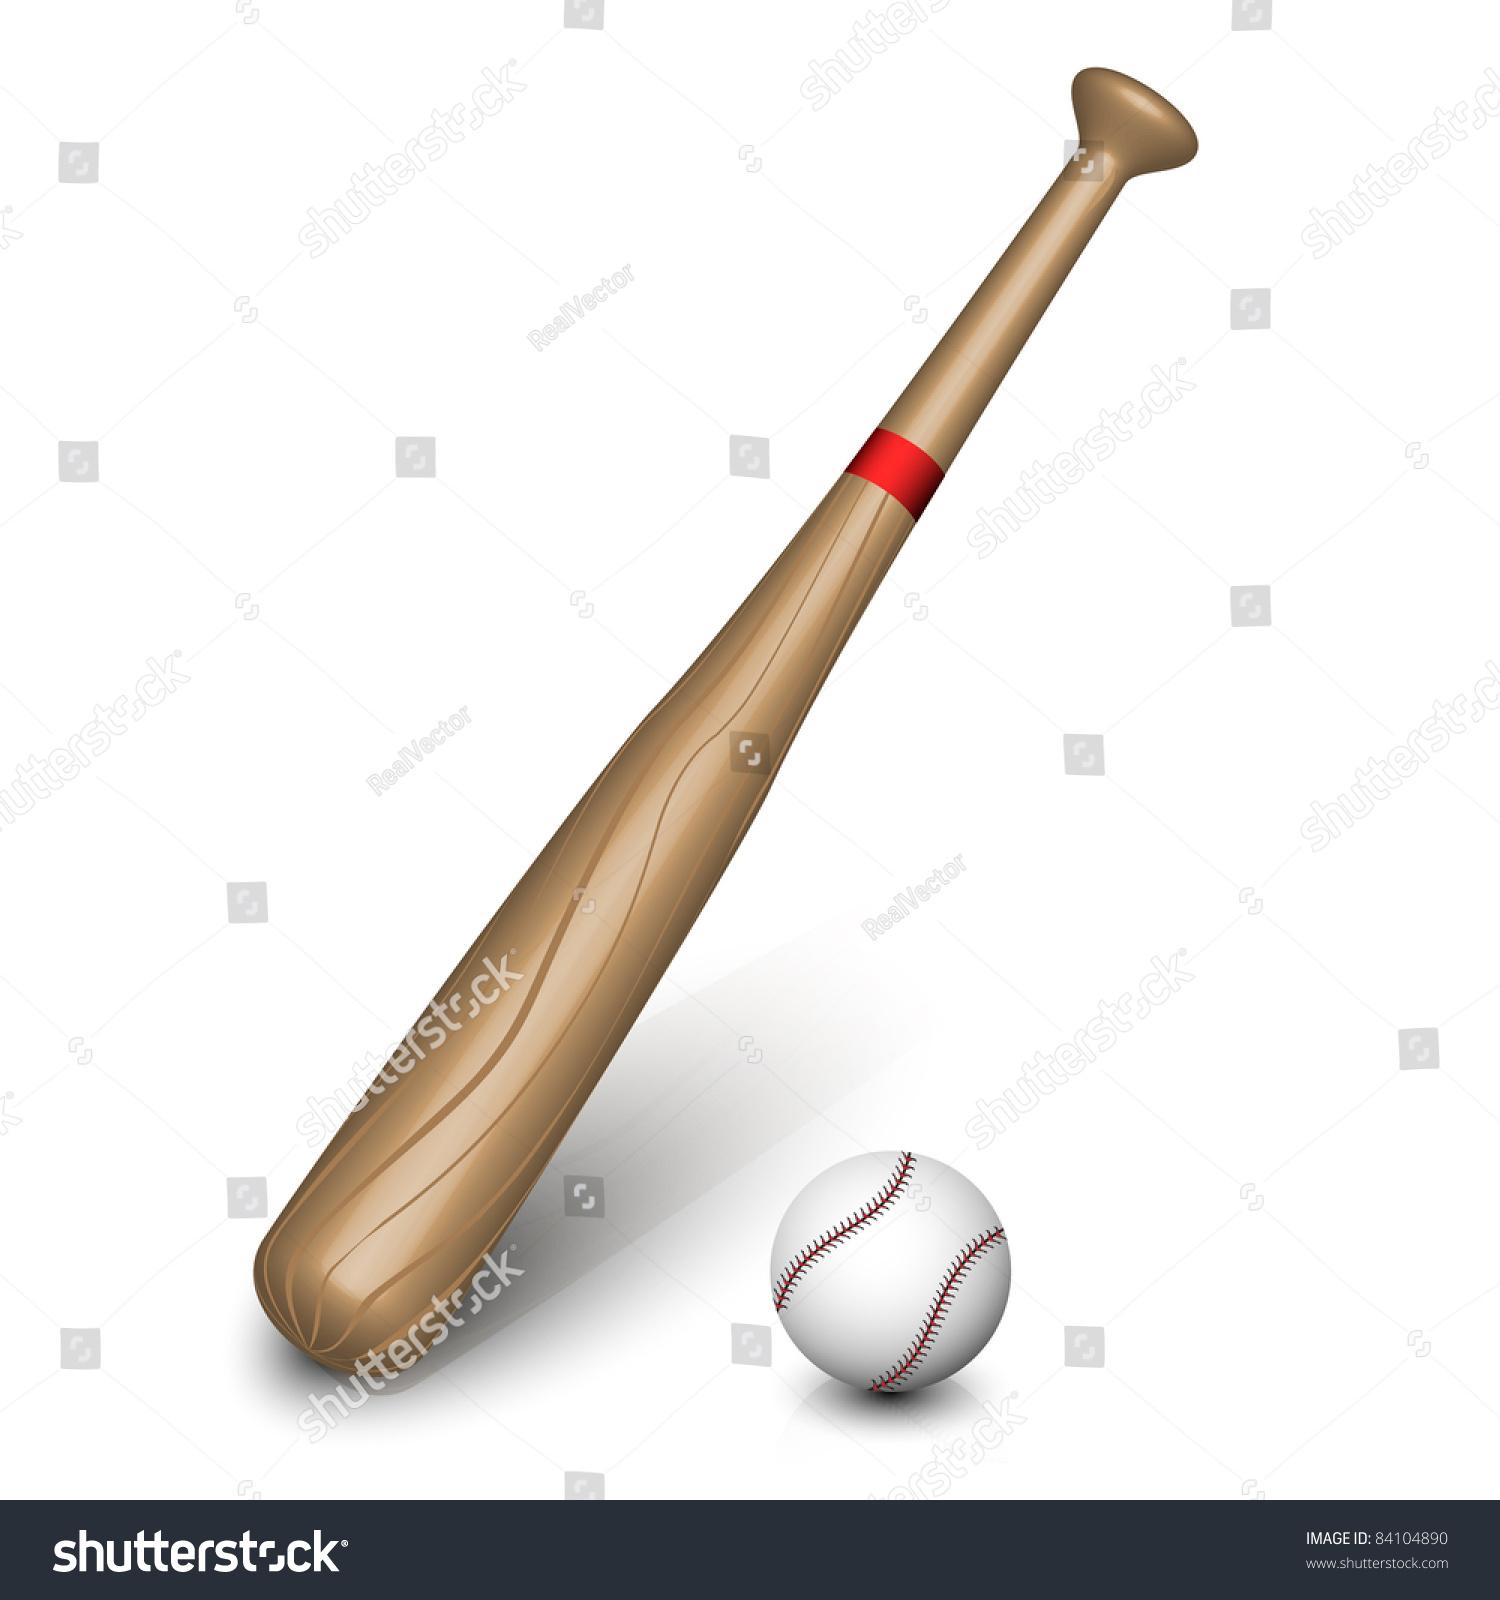 Vector Baseball Bat And Ball. - 84104890 : Shutterstock